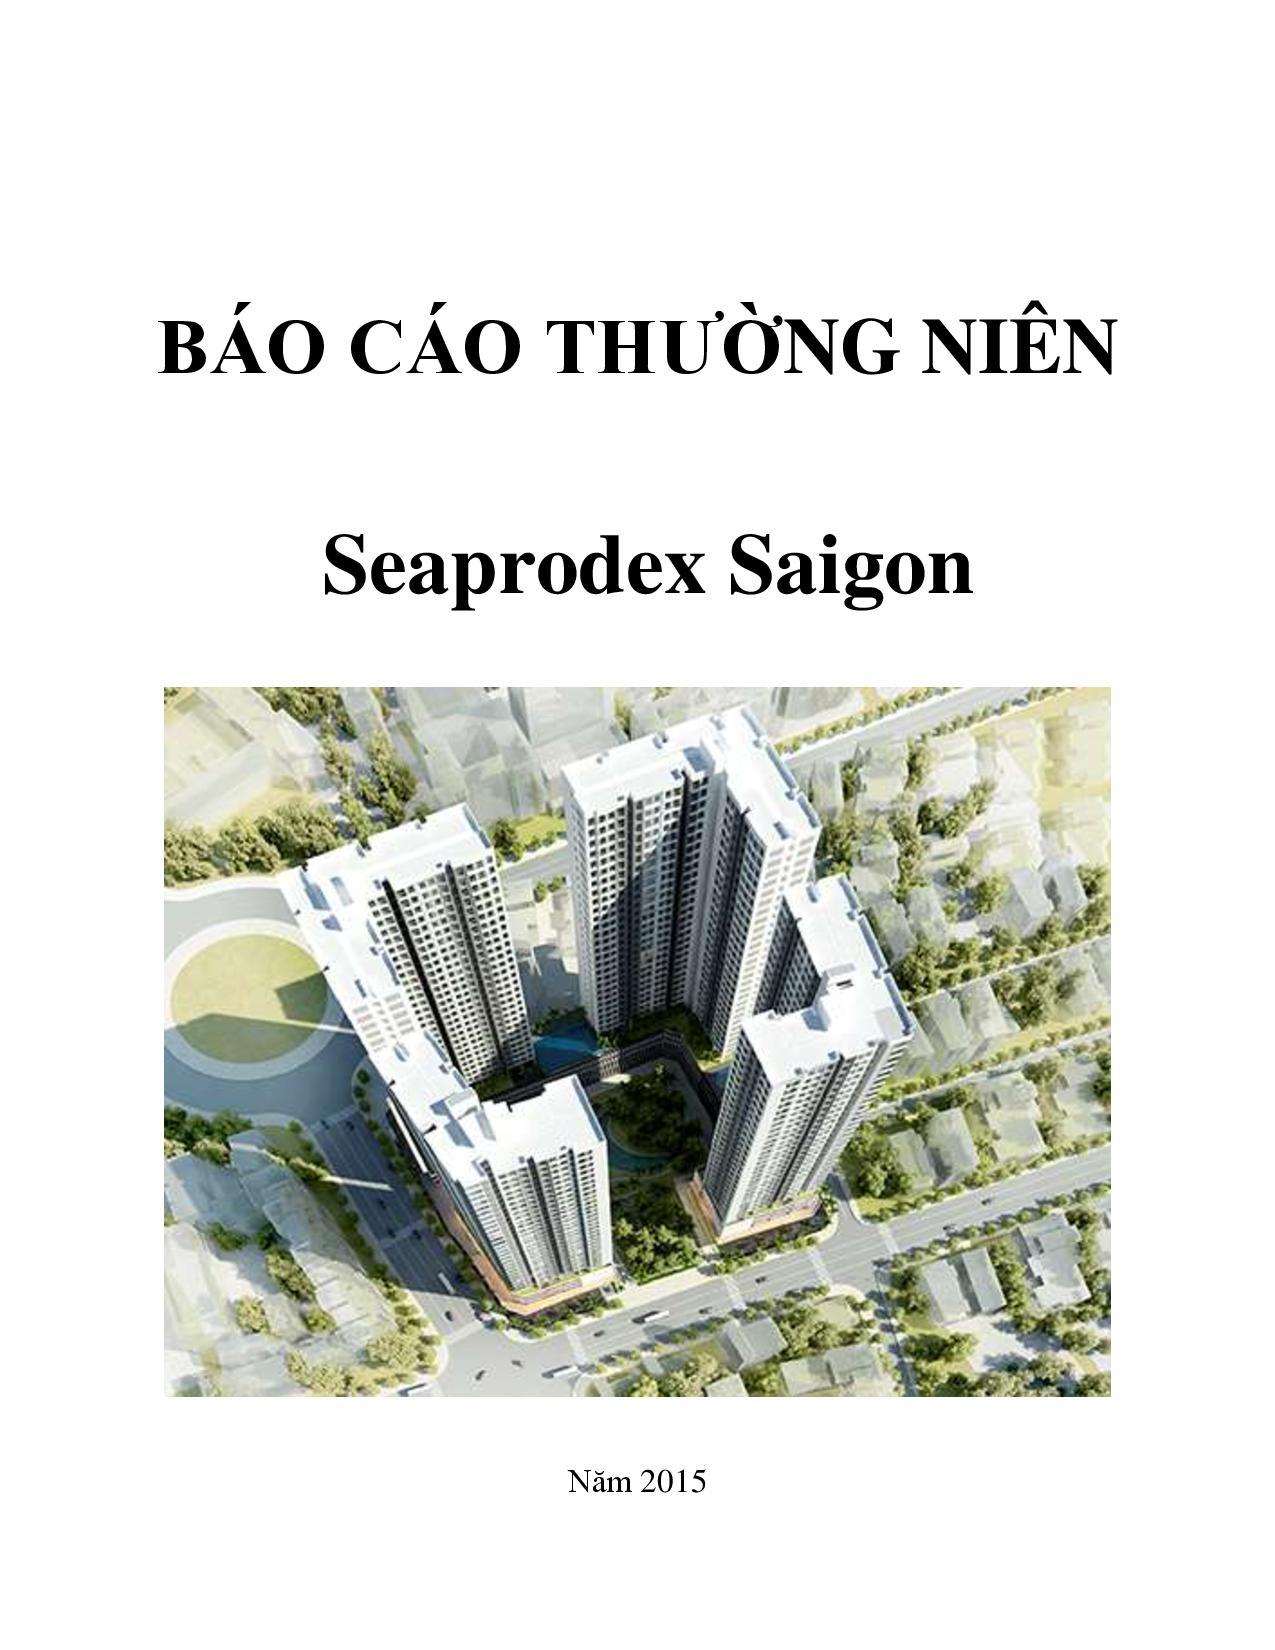 2942016760_BCTN-2015-Seaprodex-Saigon-page-001